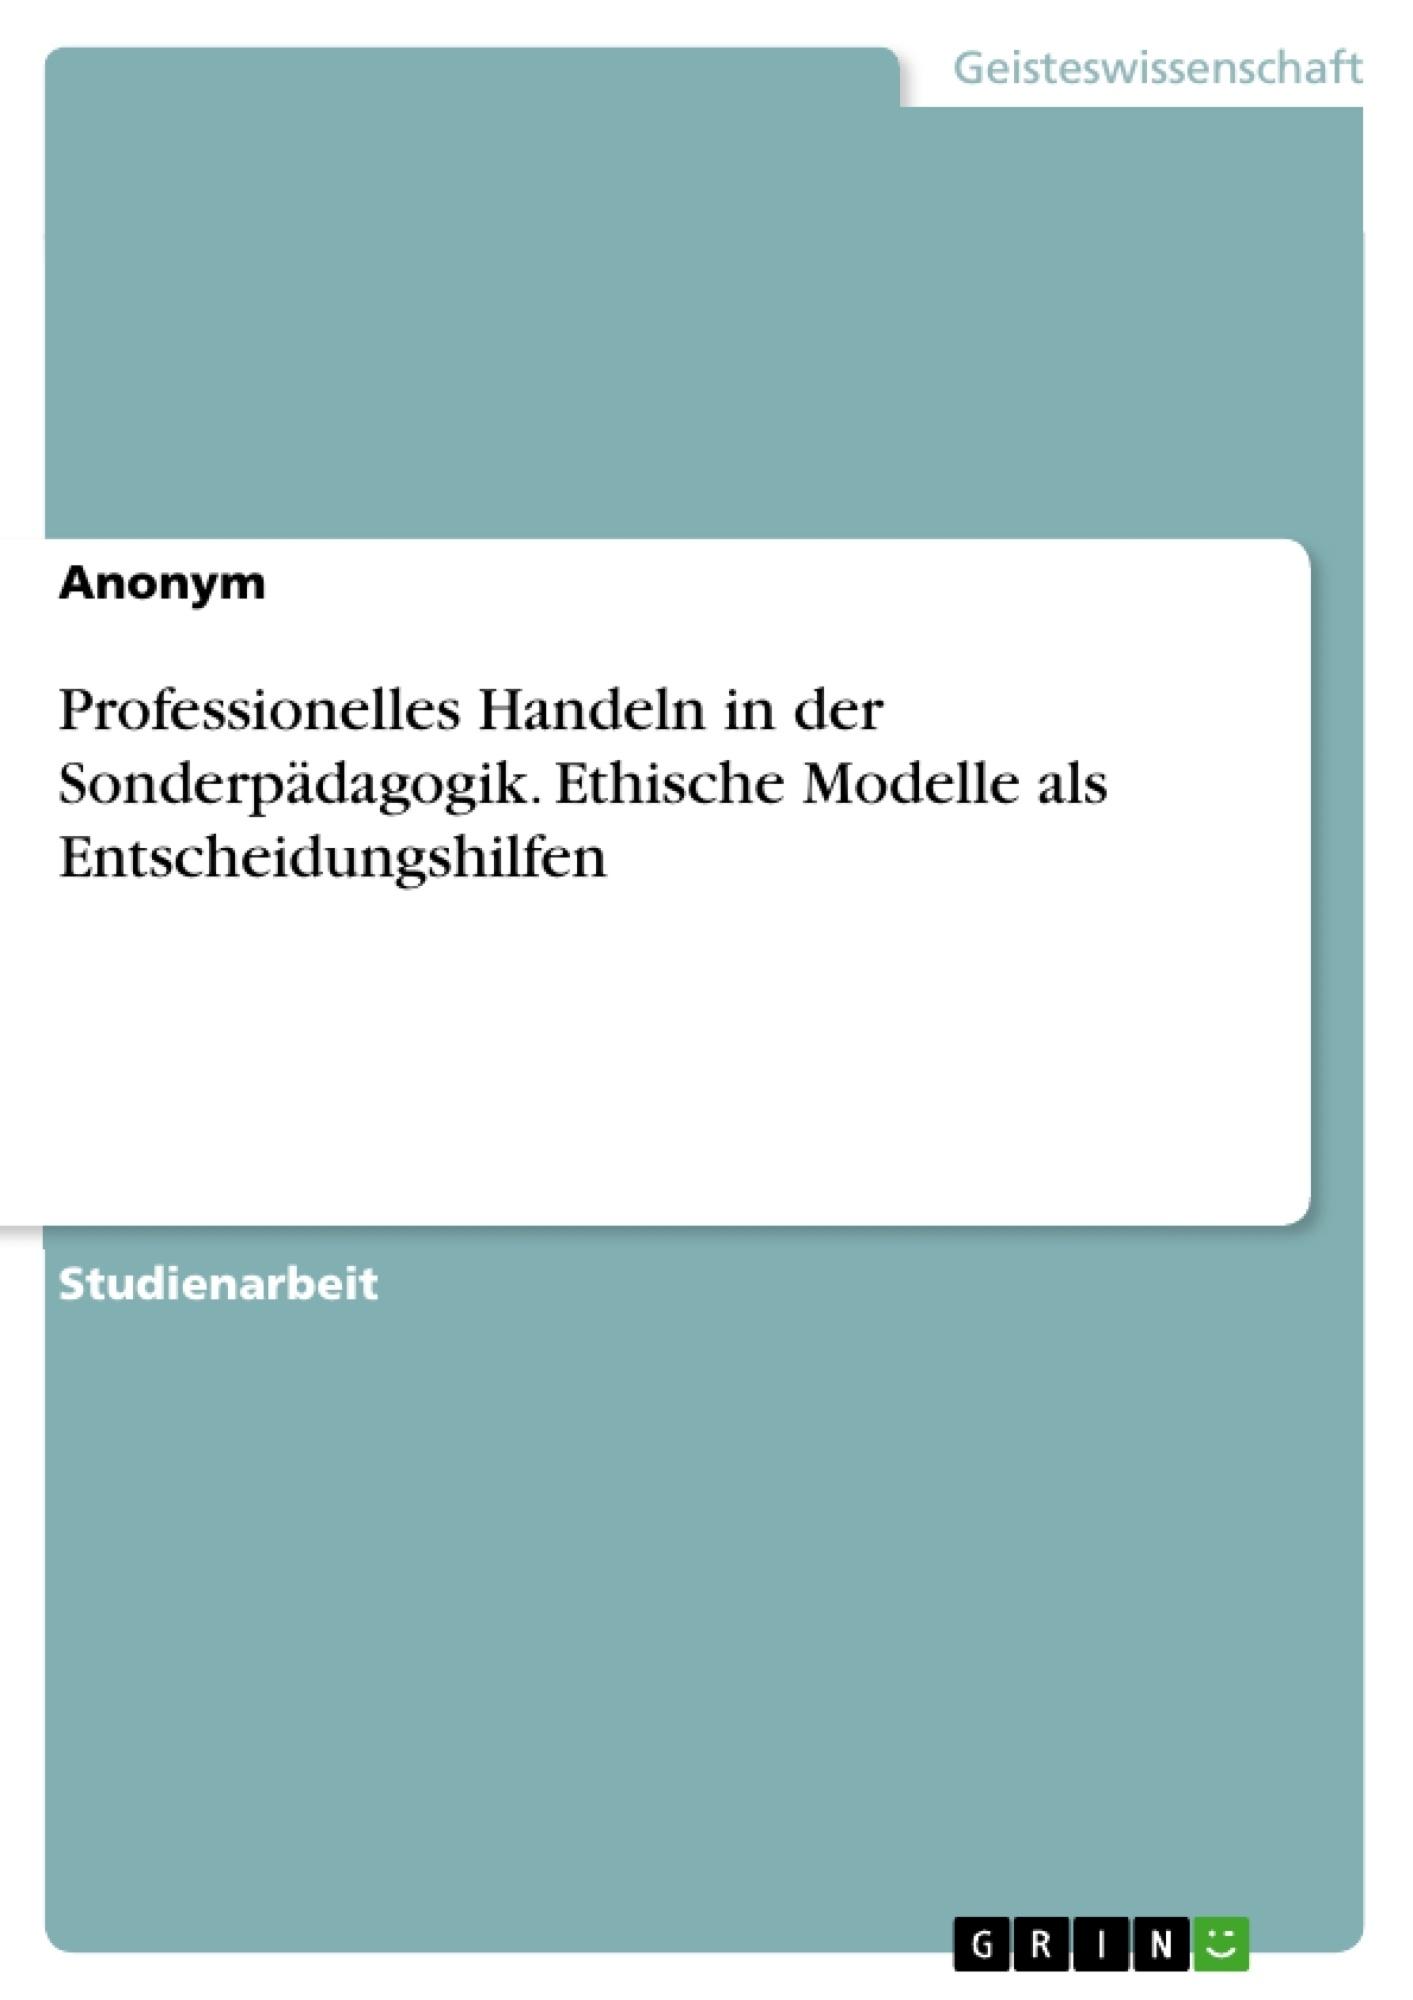 Titel: Professionelles Handeln in der Sonderpädagogik. Ethische Modelle als Entscheidungshilfen